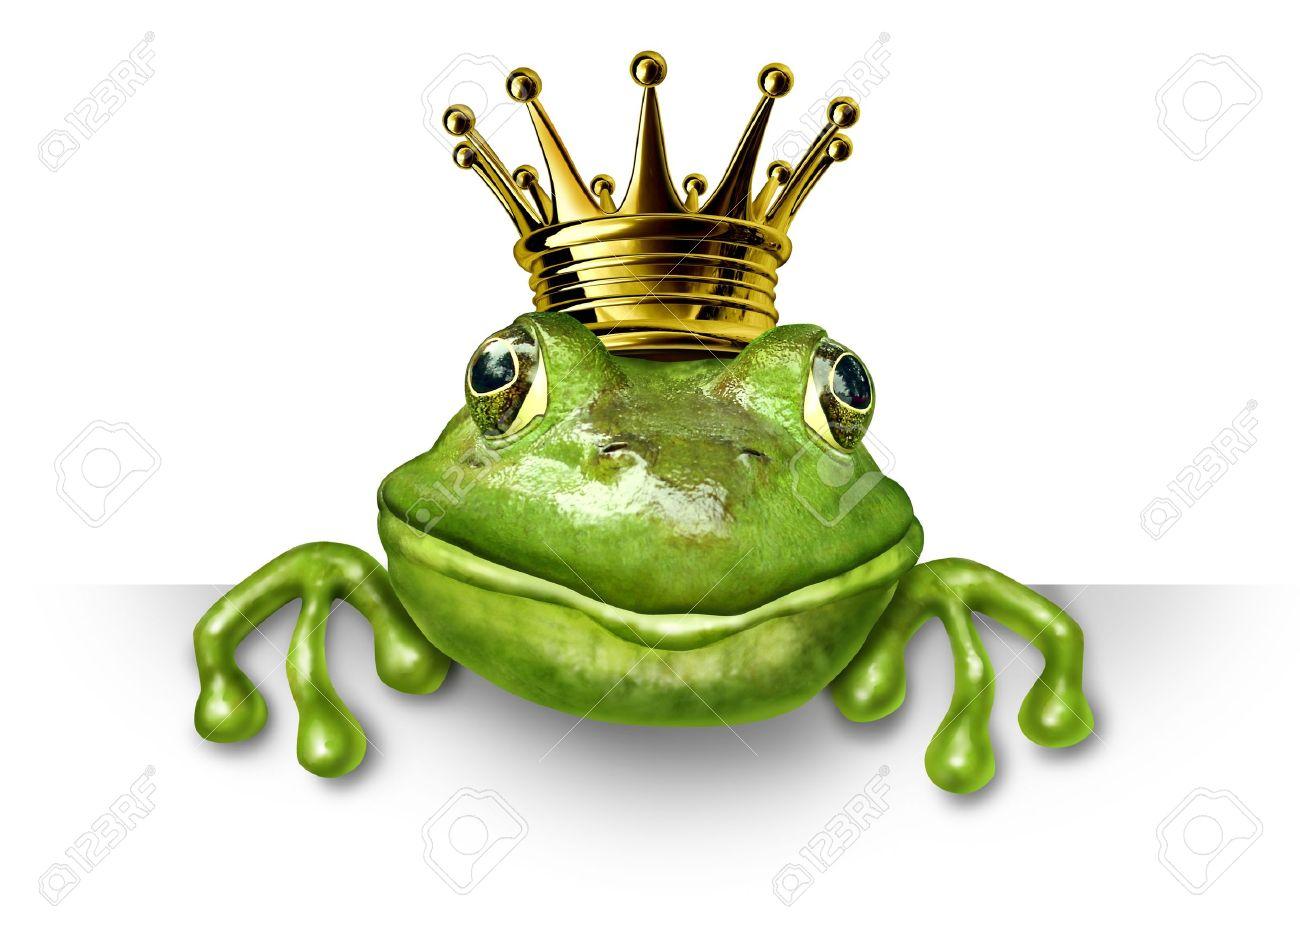 Grenouille Couronne prince grenouille avec une couronne d'or petite avec une pancarte